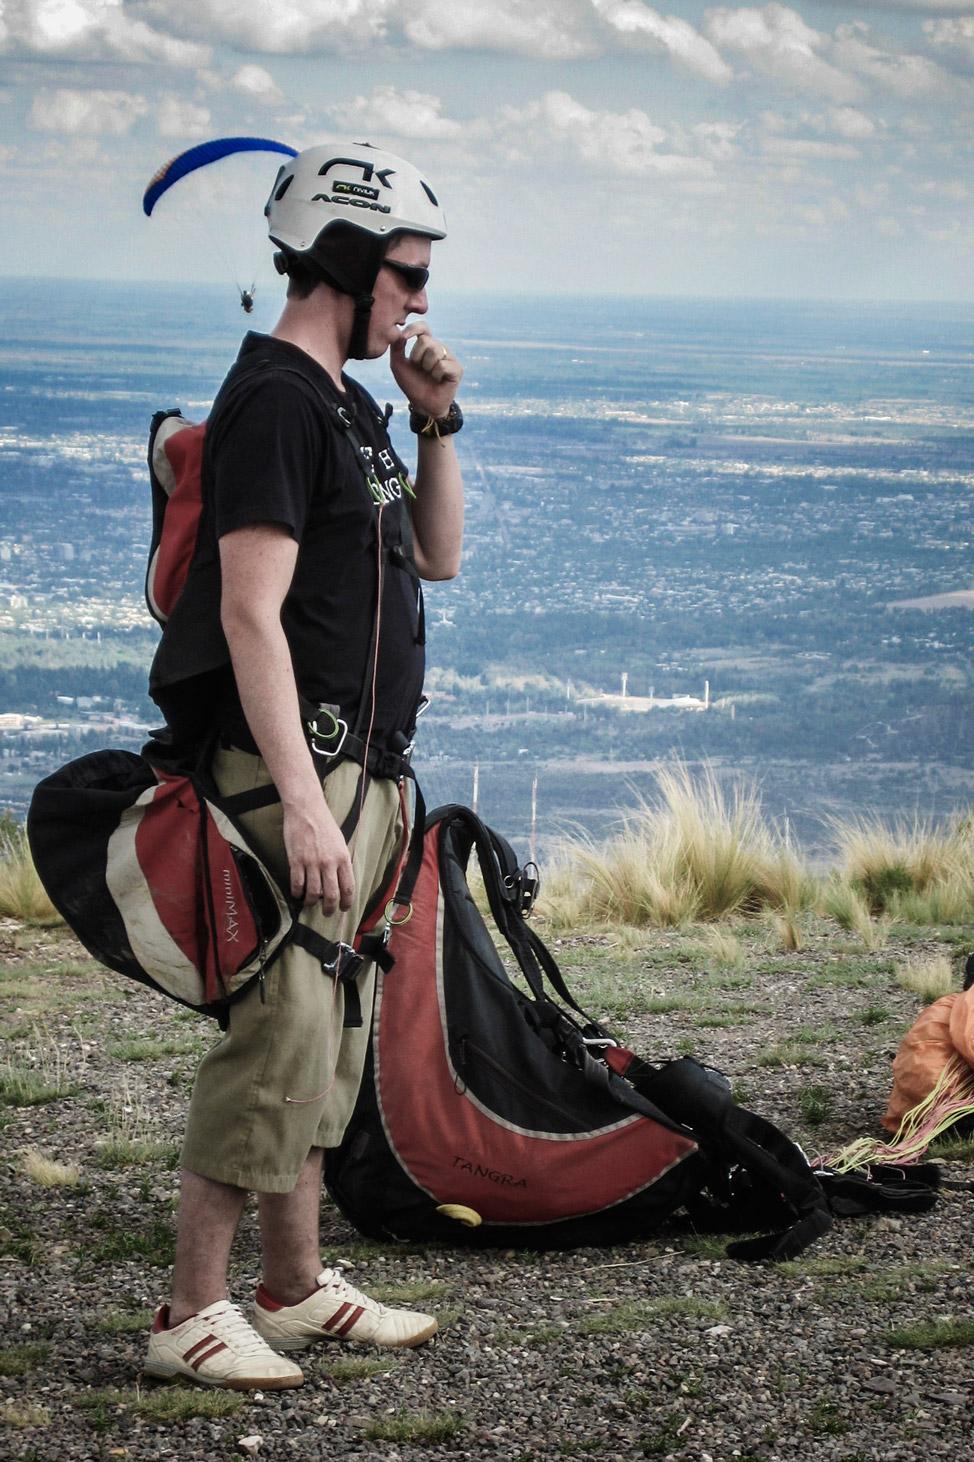 Paragliding Contemplation